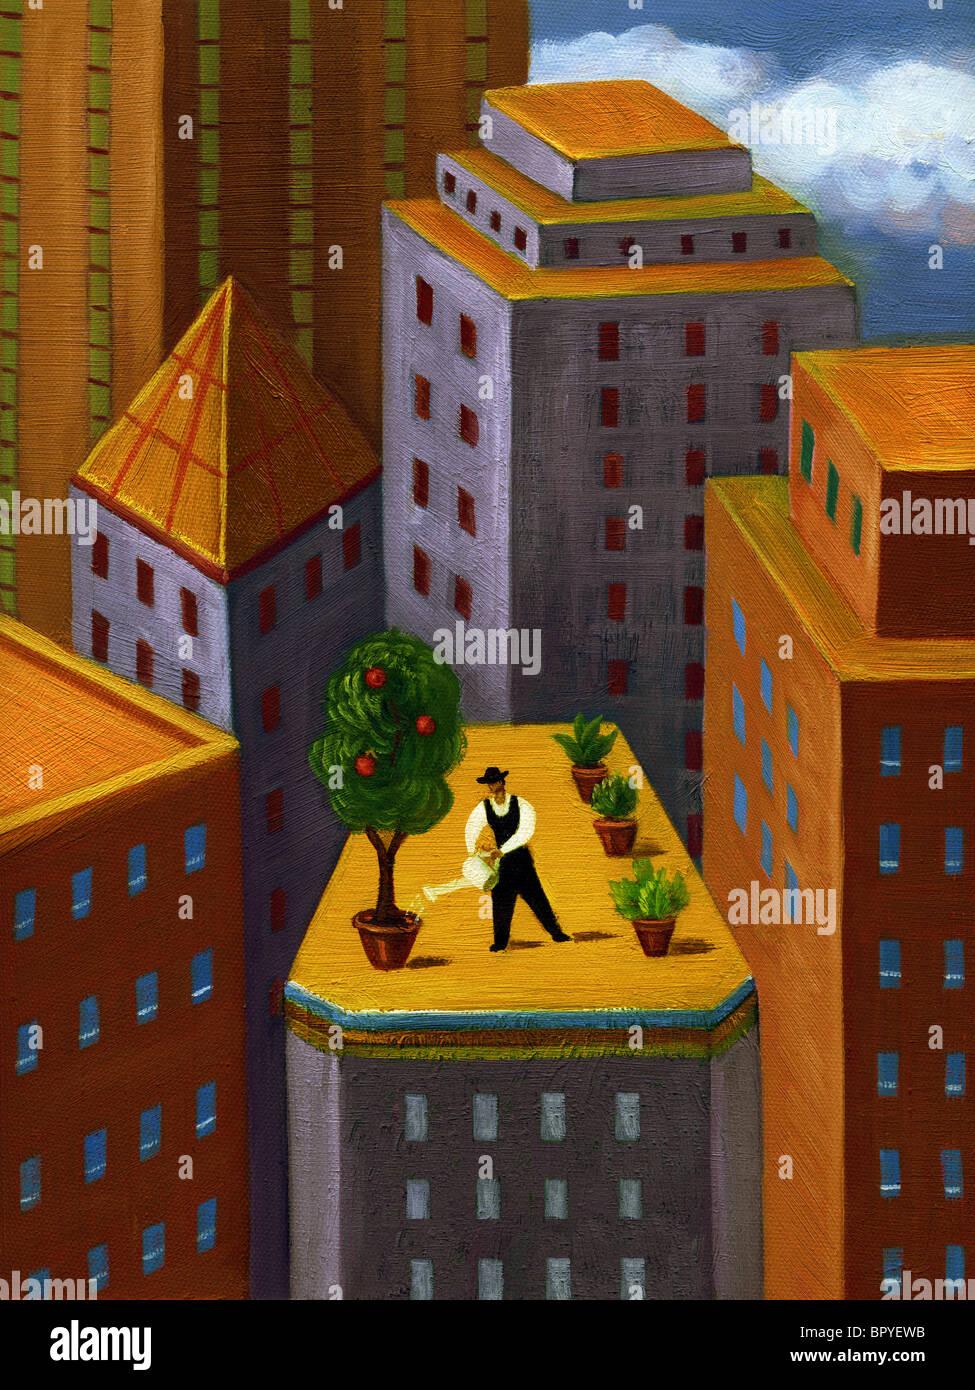 Un uomo di irrigazione di un giardino sulla sommità di un alto edificio in città Immagini Stock